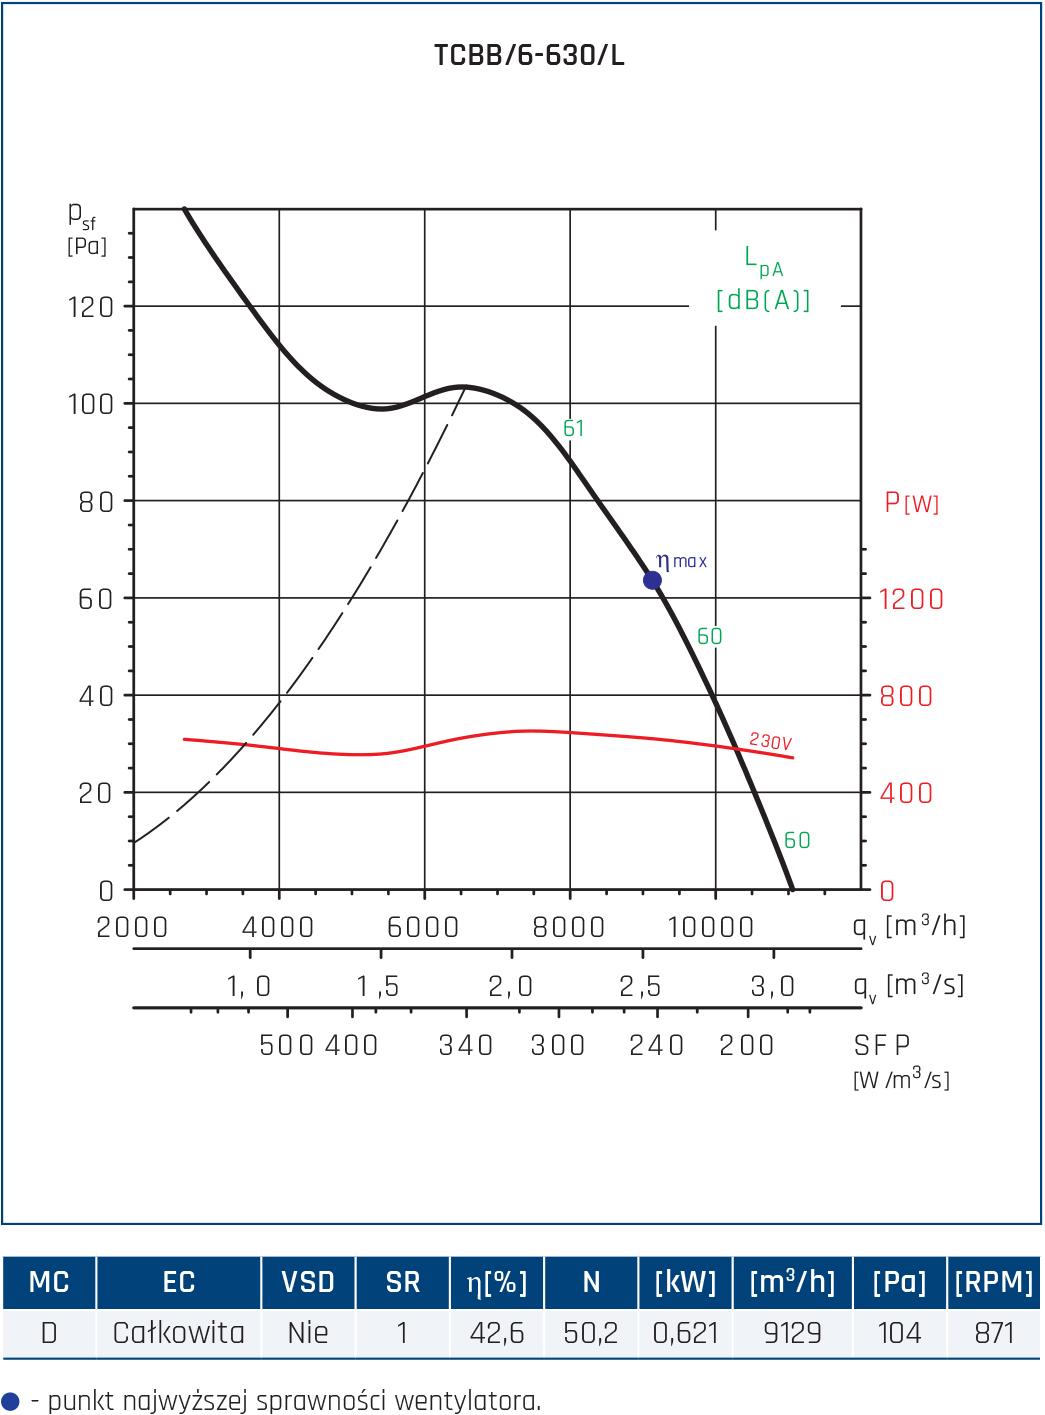 Wentylator Compact TCBB/TCBT 68